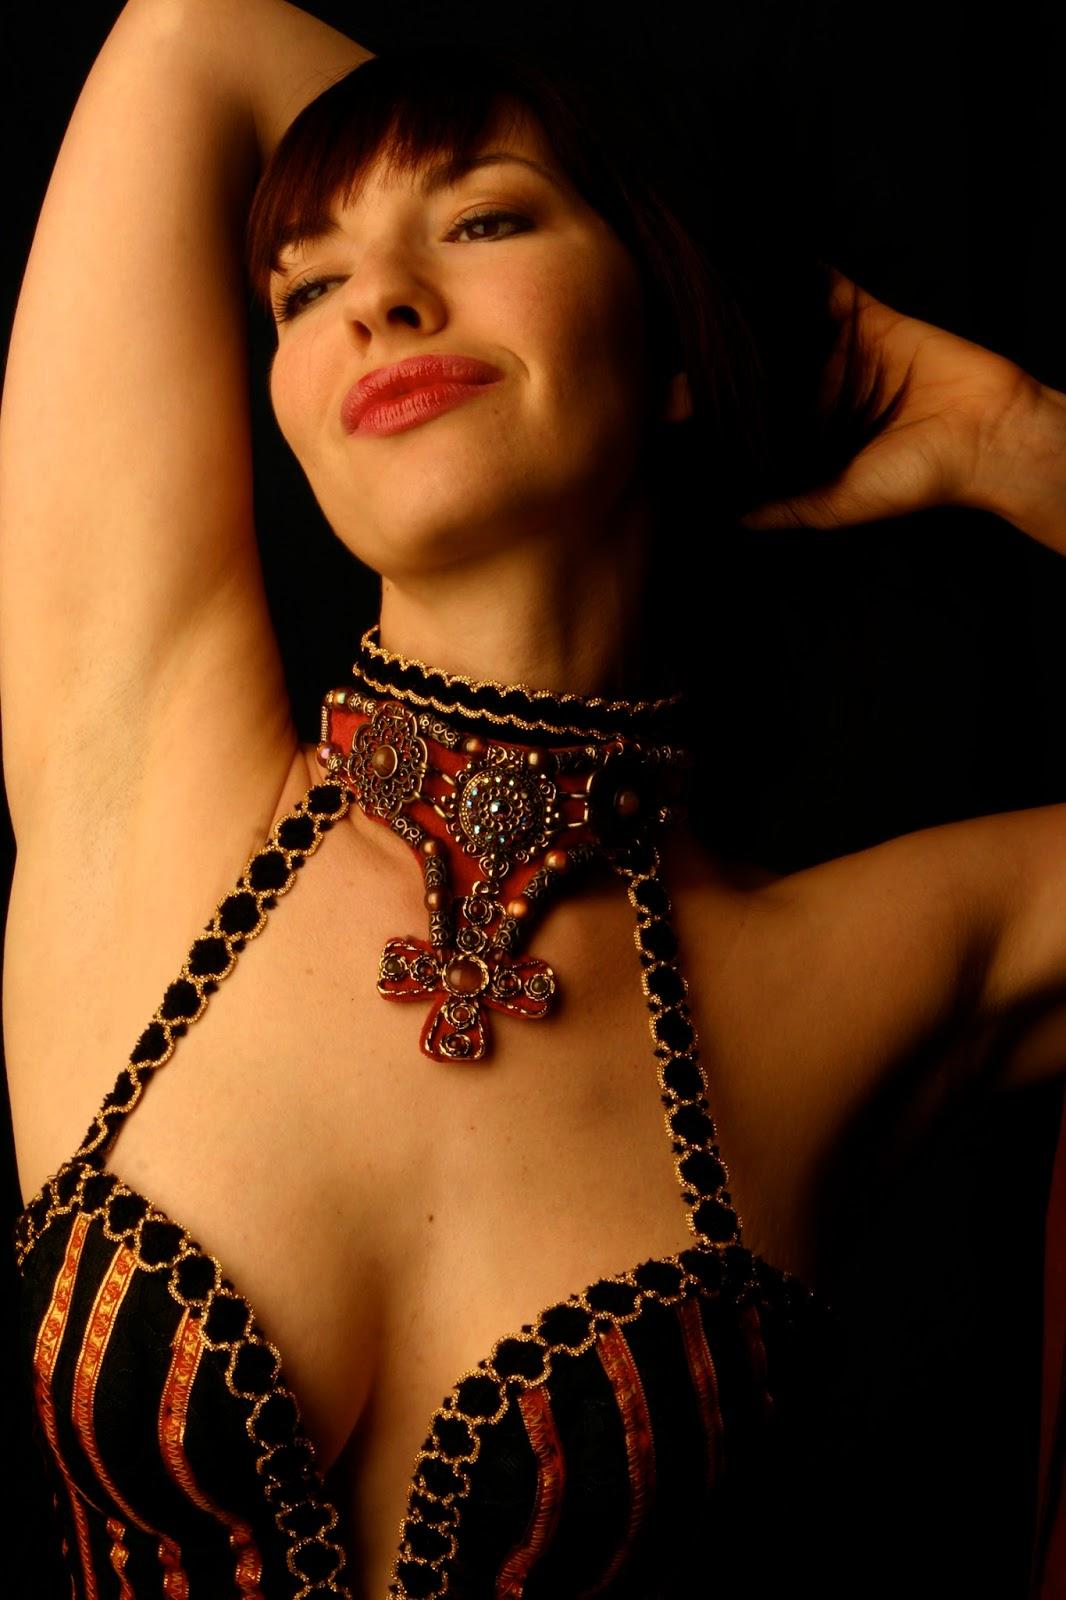 Ass Ameila Jane nudes (42 photos), Sexy, Bikini, Twitter, bra 2019